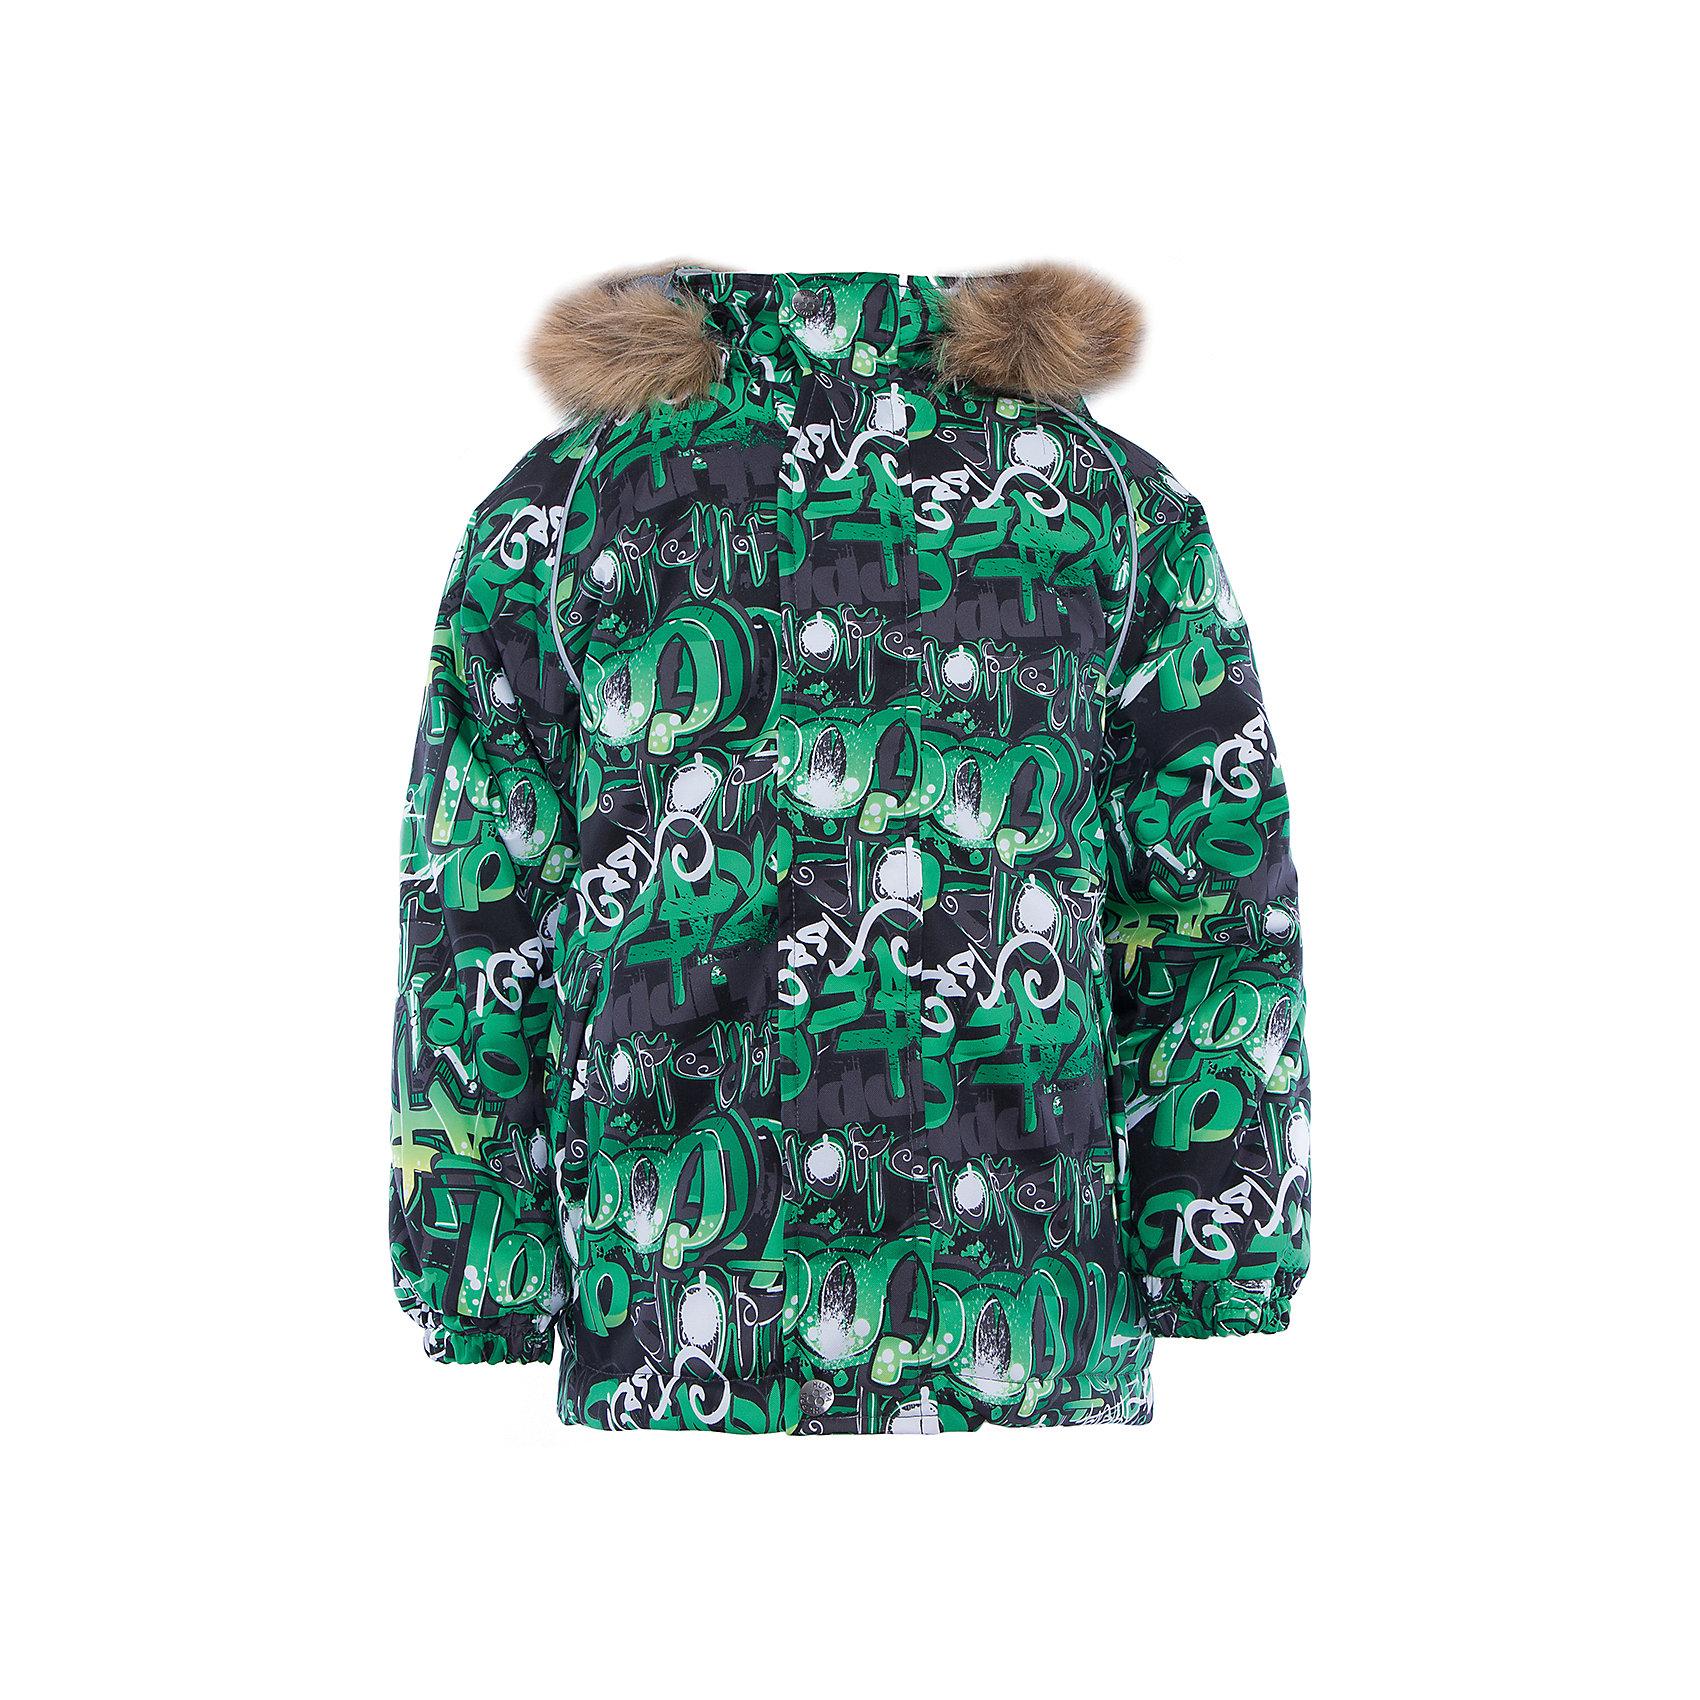 Куртка   для мальчика HuppaКуртка для мальчика MARINEL Huppa(Хуппа).<br><br>Утеплитель: 100% полиэстер, 300 гр.<br><br>Температурный режим: до -30 градусов. Степень утепления – высокая. <br><br>* Температурный режим указан приблизительно — необходимо, прежде всего, ориентироваться на ощущения ребенка. Температурный режим работает в случае соблюдения правила многослойности – использования флисовой поддевы и термобелья.<br><br>Изготовлена из теплых и прочных материалов. Верх куртки с дышащей водоотталкивающей поверхностью поможет ребенку оставаться в сухости и тепле. На манжетах предусмотрены резинки, чтобы снег не попадал под одежду. Капюшон куртки с искусственным мехом отстегивается. <br>Куртка легко стирается, быстро сохнет и защищена от истирания. Отлично подойдет для зимних прогулок.<br><br>Дополнительная информация:<br>Материал: 100% полиэстер<br>Подкладка: тафта - 100% полиэстер, флис - 100% полиэстер<br>Цвет: зеленый/черный<br><br>Куртку MARINEL Huppa(Хуппа) можно купить в нашем интернет-магазине.<br><br>Ширина мм: 356<br>Глубина мм: 10<br>Высота мм: 245<br>Вес г: 519<br>Цвет: зеленый<br>Возраст от месяцев: 60<br>Возраст до месяцев: 72<br>Пол: Мужской<br>Возраст: Детский<br>Размер: 116,92,140,134,128,122,110,104,98<br>SKU: 4928137